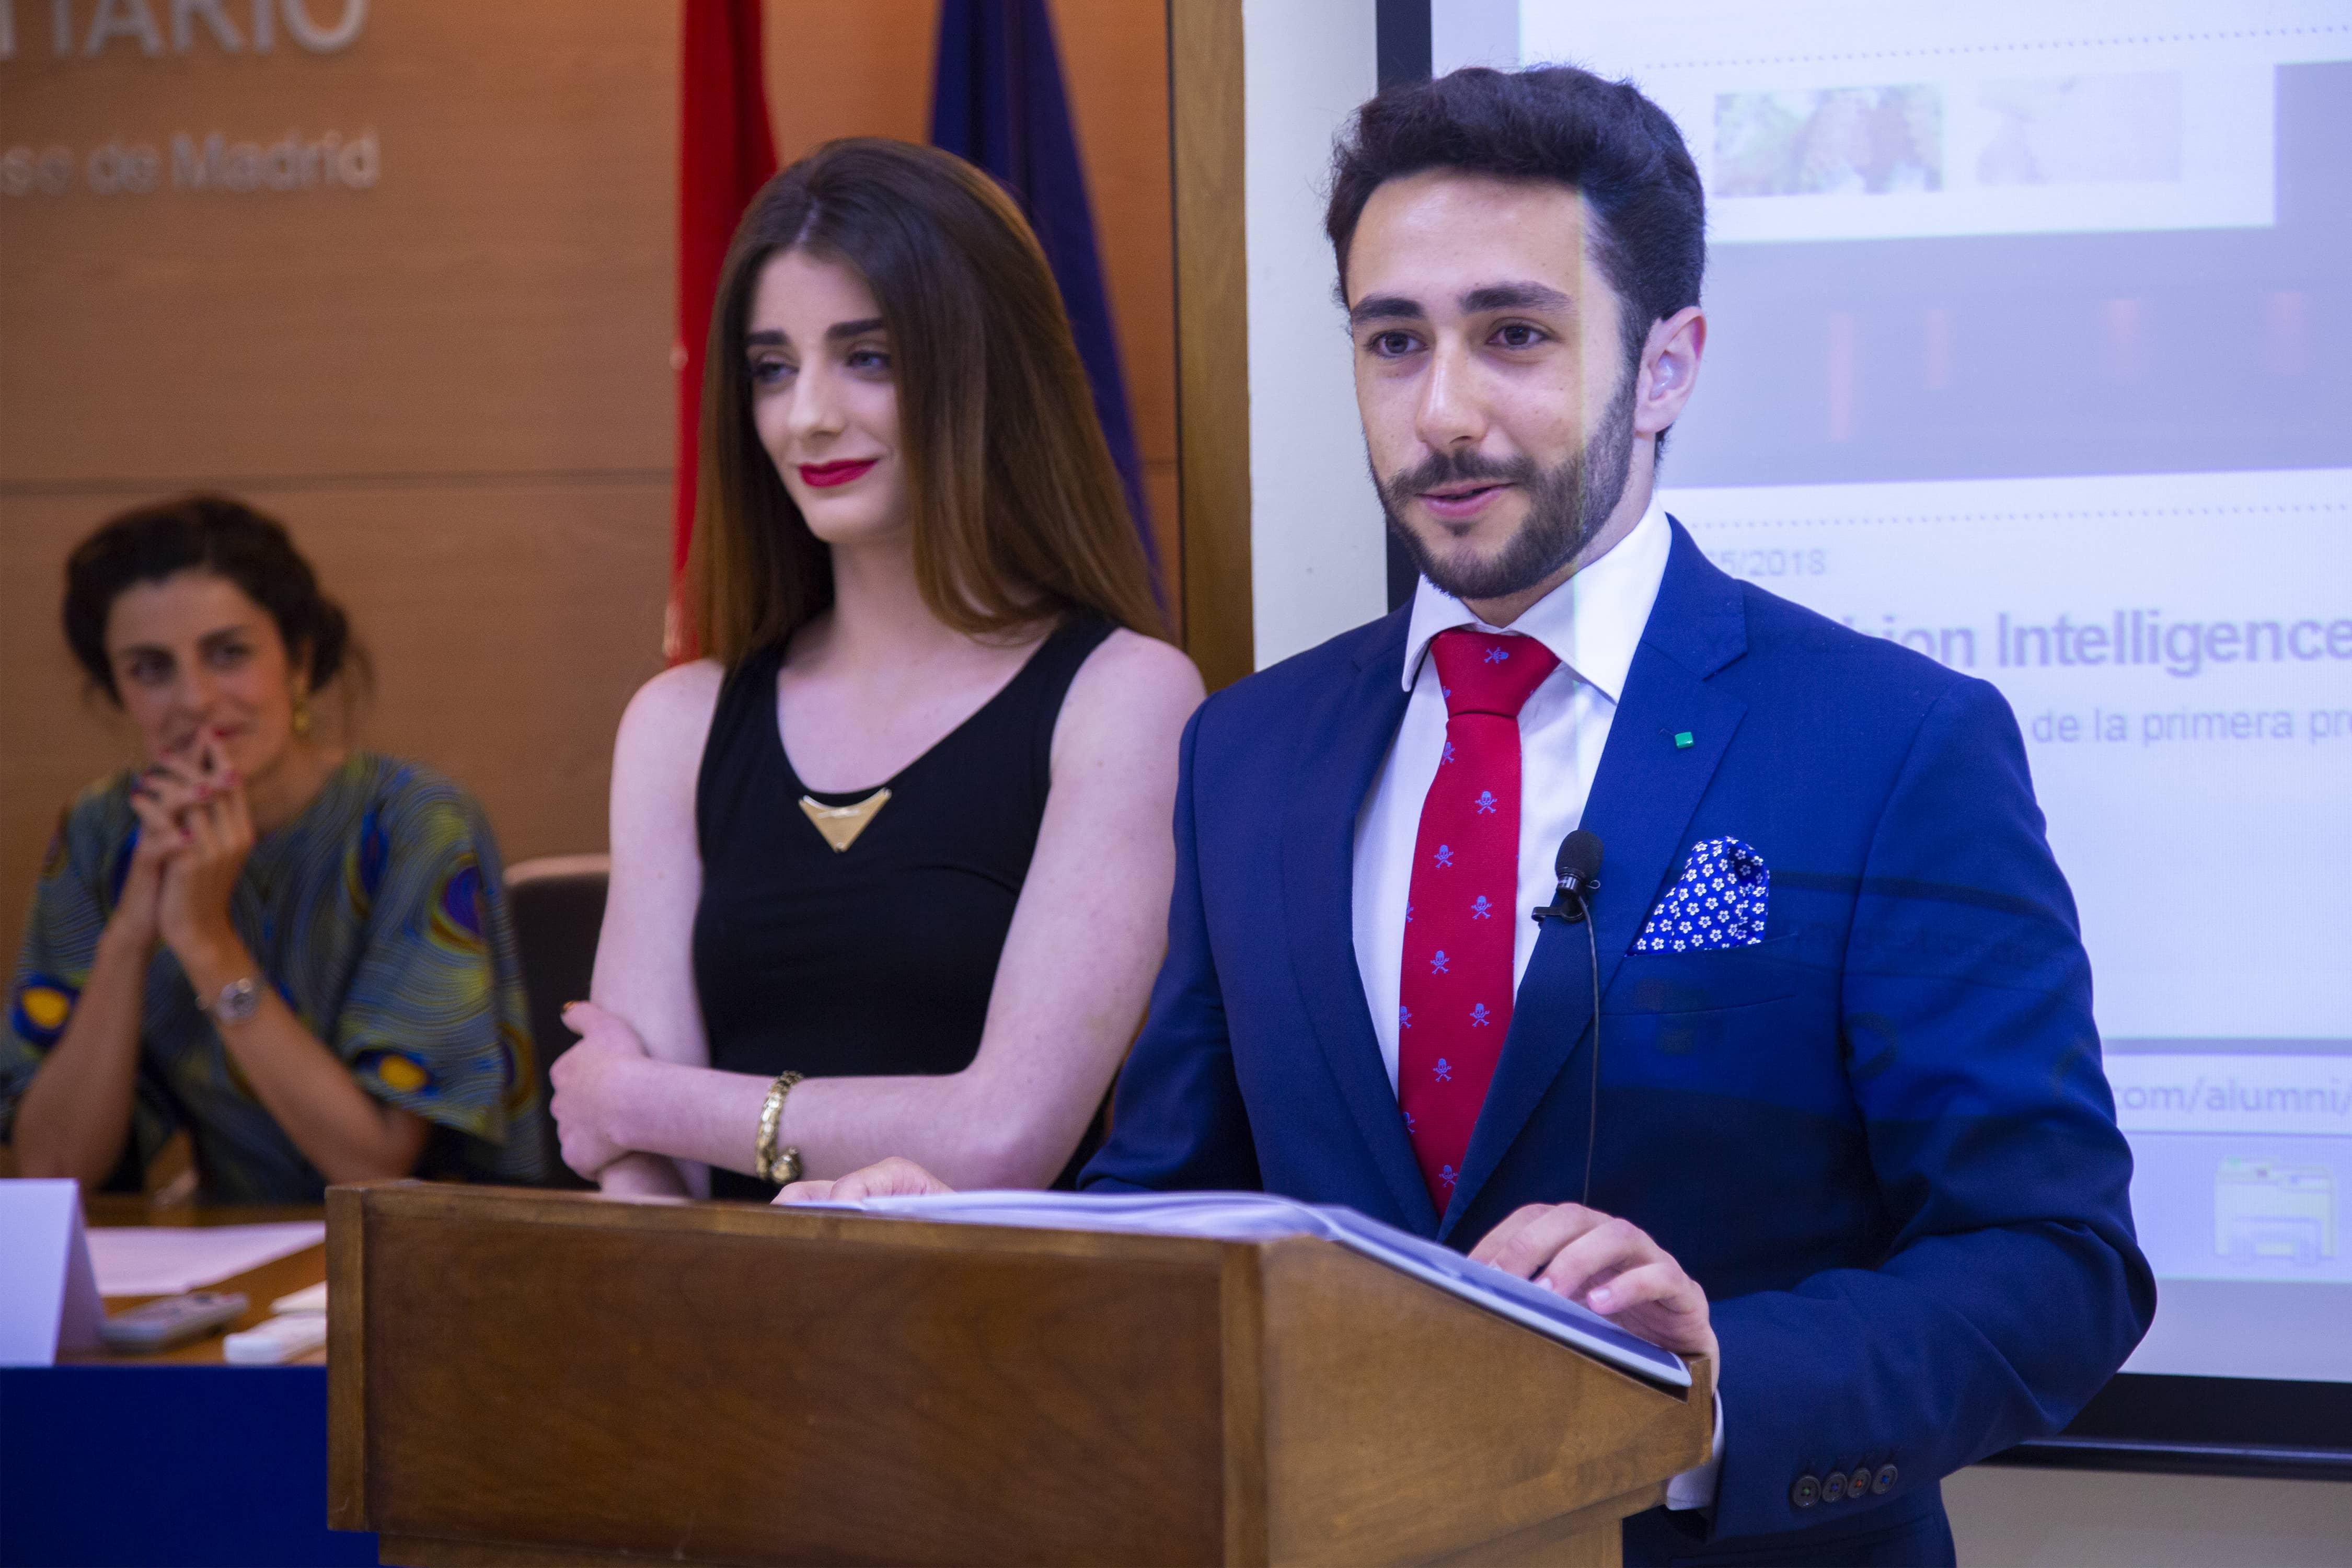 Marta Gil y Pablo Alarcón durante el discurso